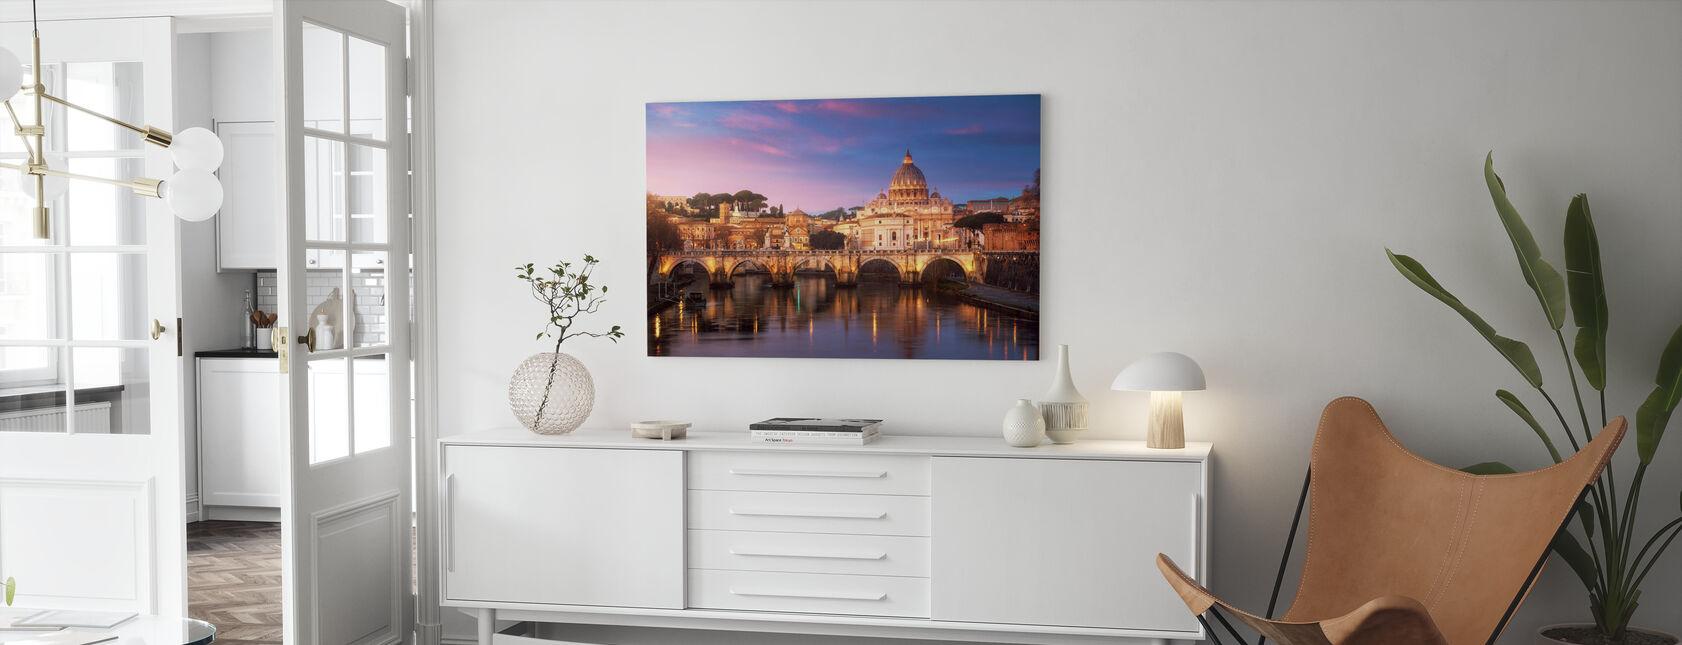 Rom - Canvastavla - Vardagsrum